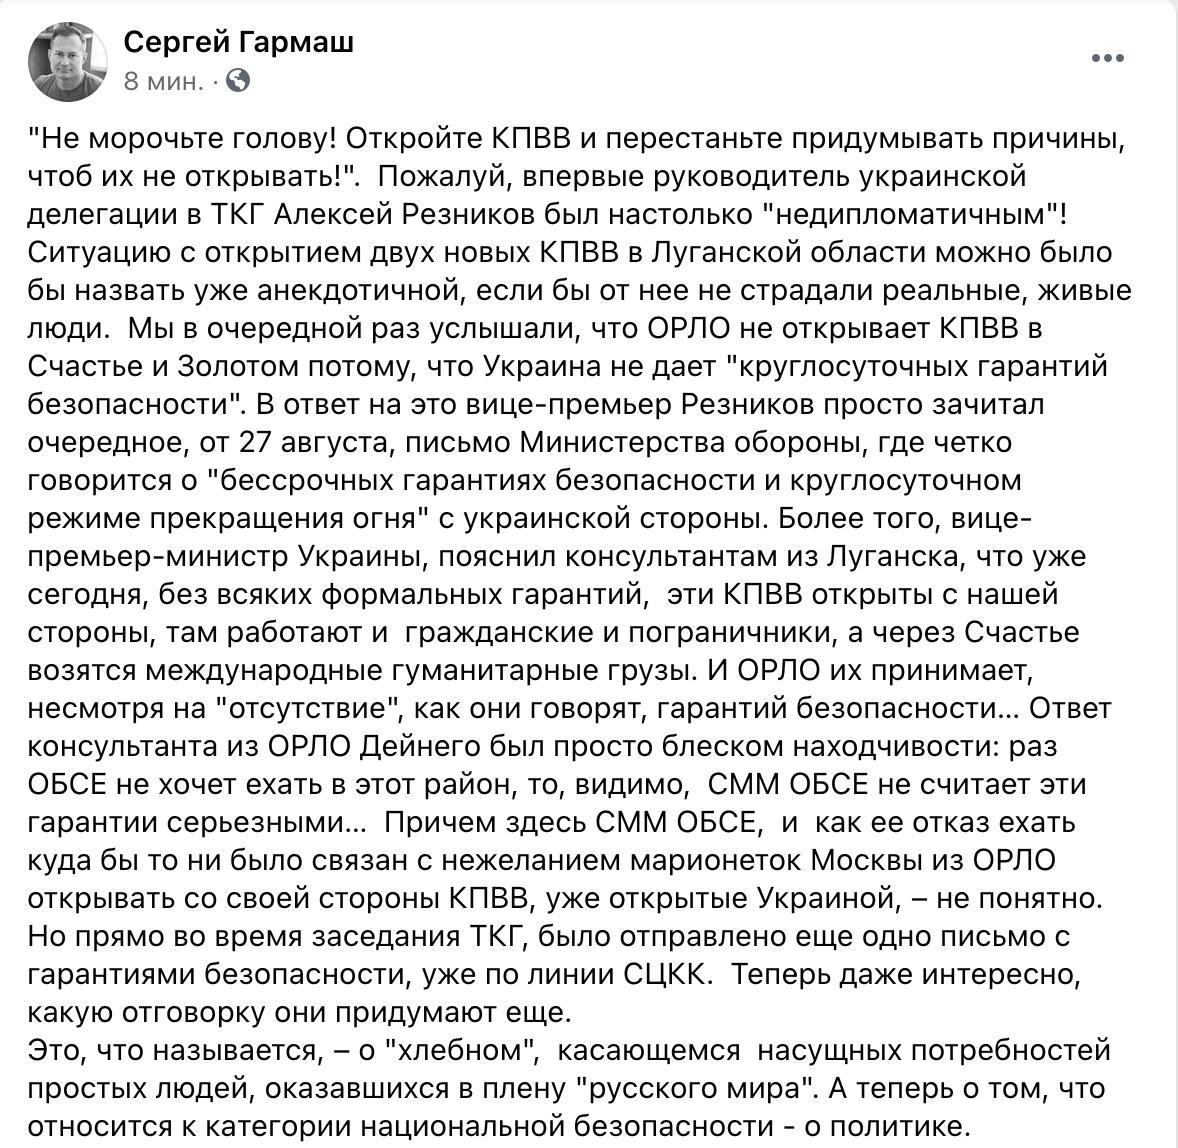 """""""Не морочьте голову!"""" Резников призвал Россию открыть пункты пропуска на Донбассе"""